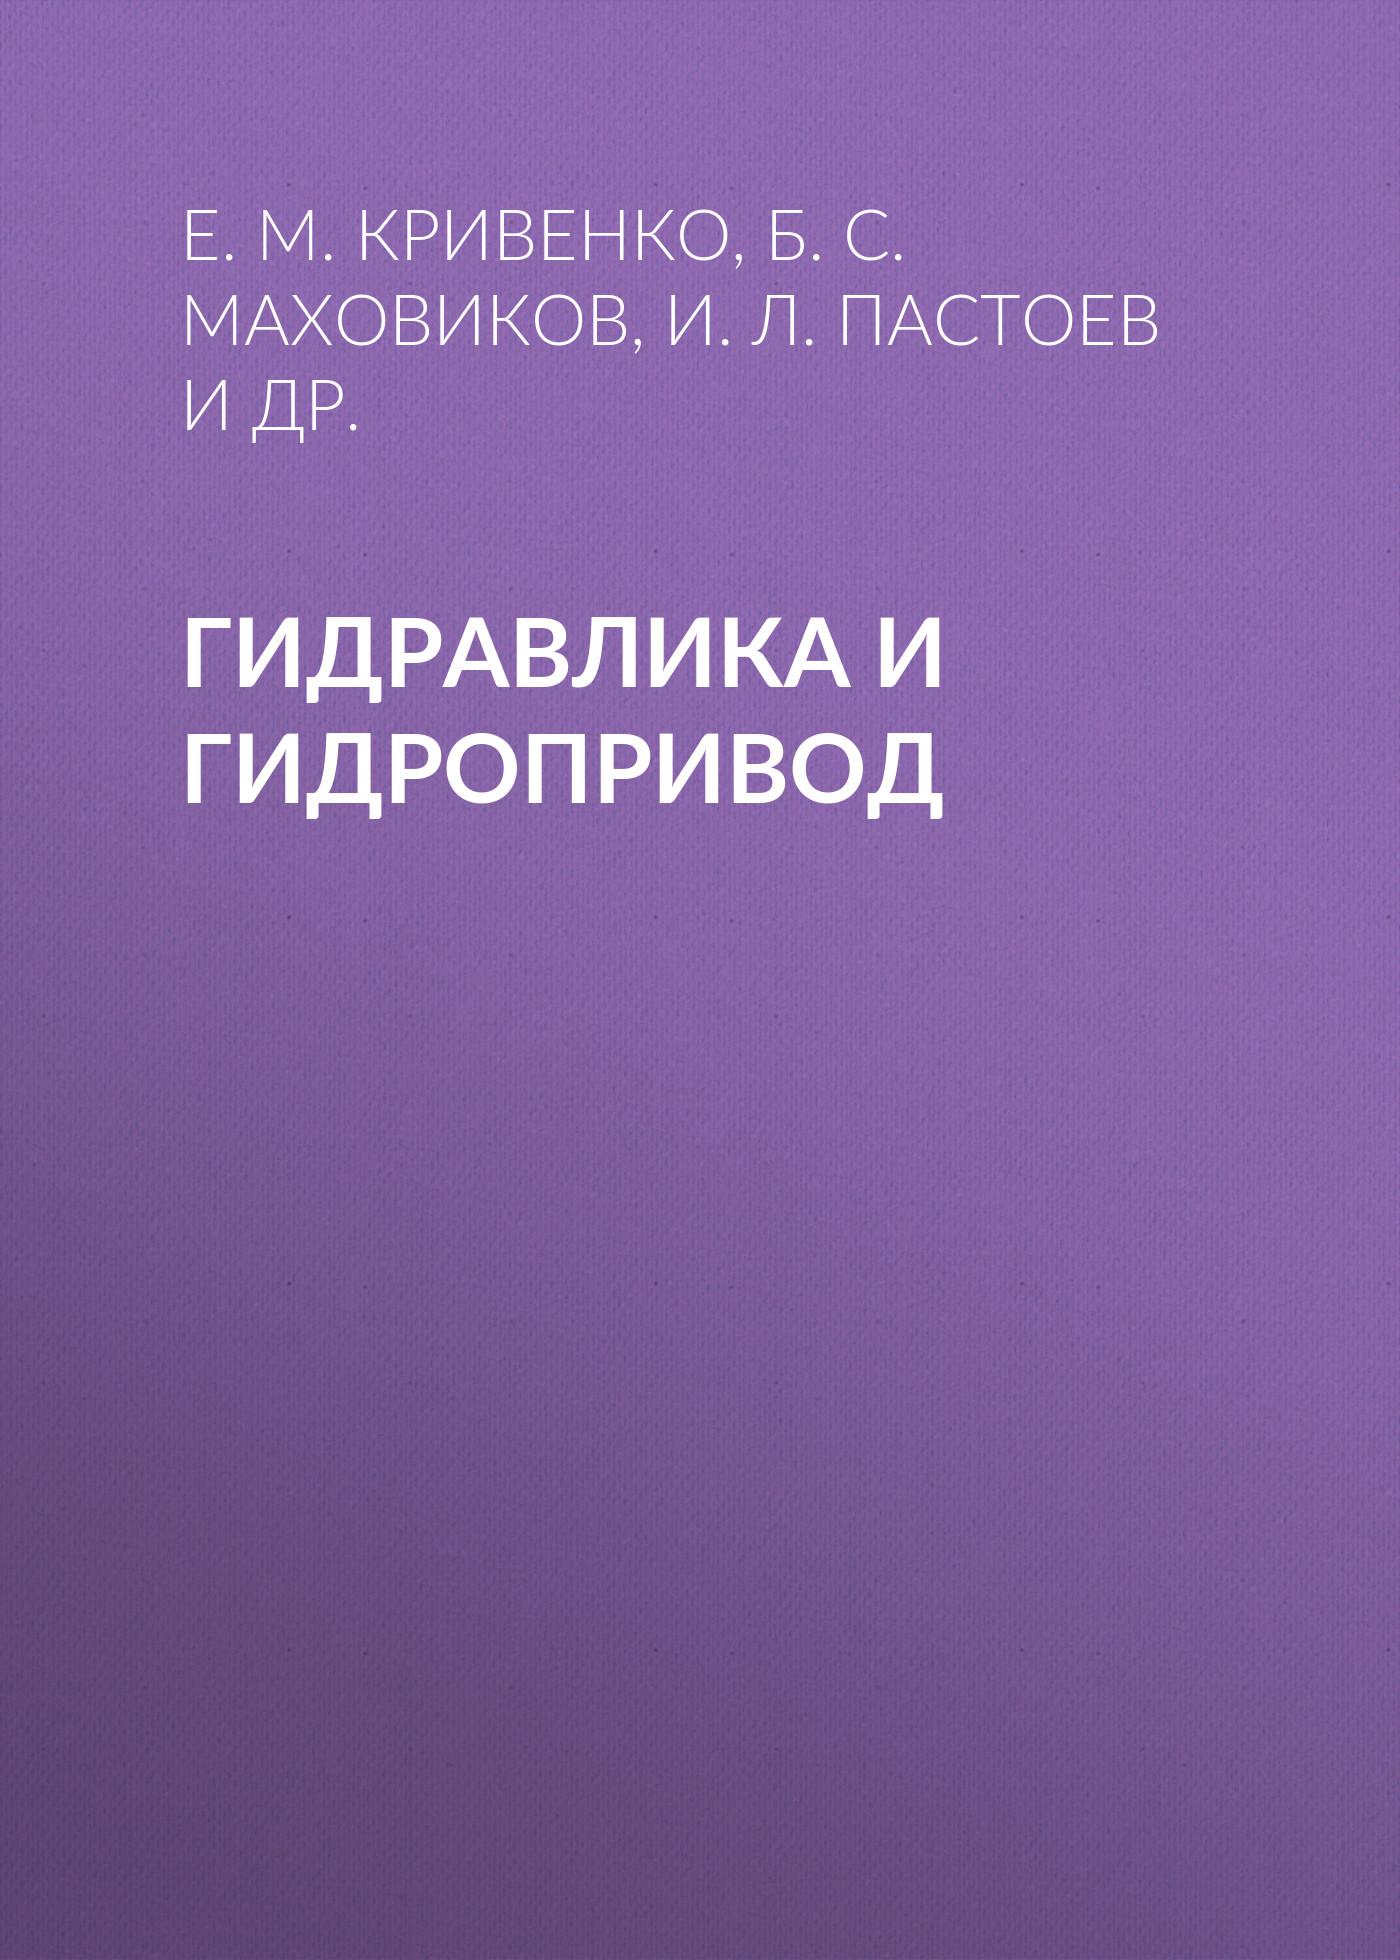 Б. С. Маховиков Гидравлика и гидропривод